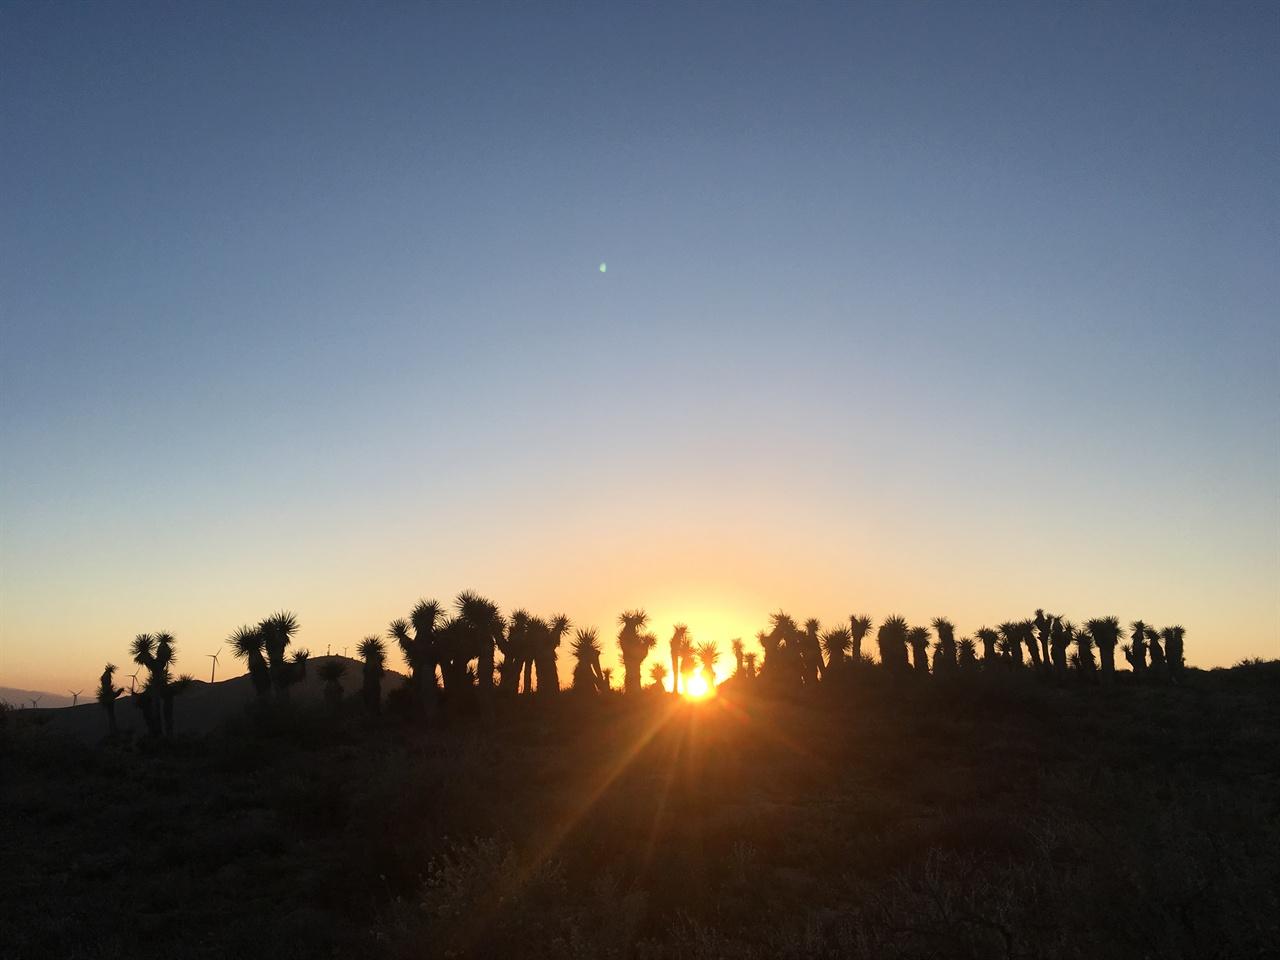 푹푹 찌는 무더위 속 사막의 저녁은 너무나도 아름답다.